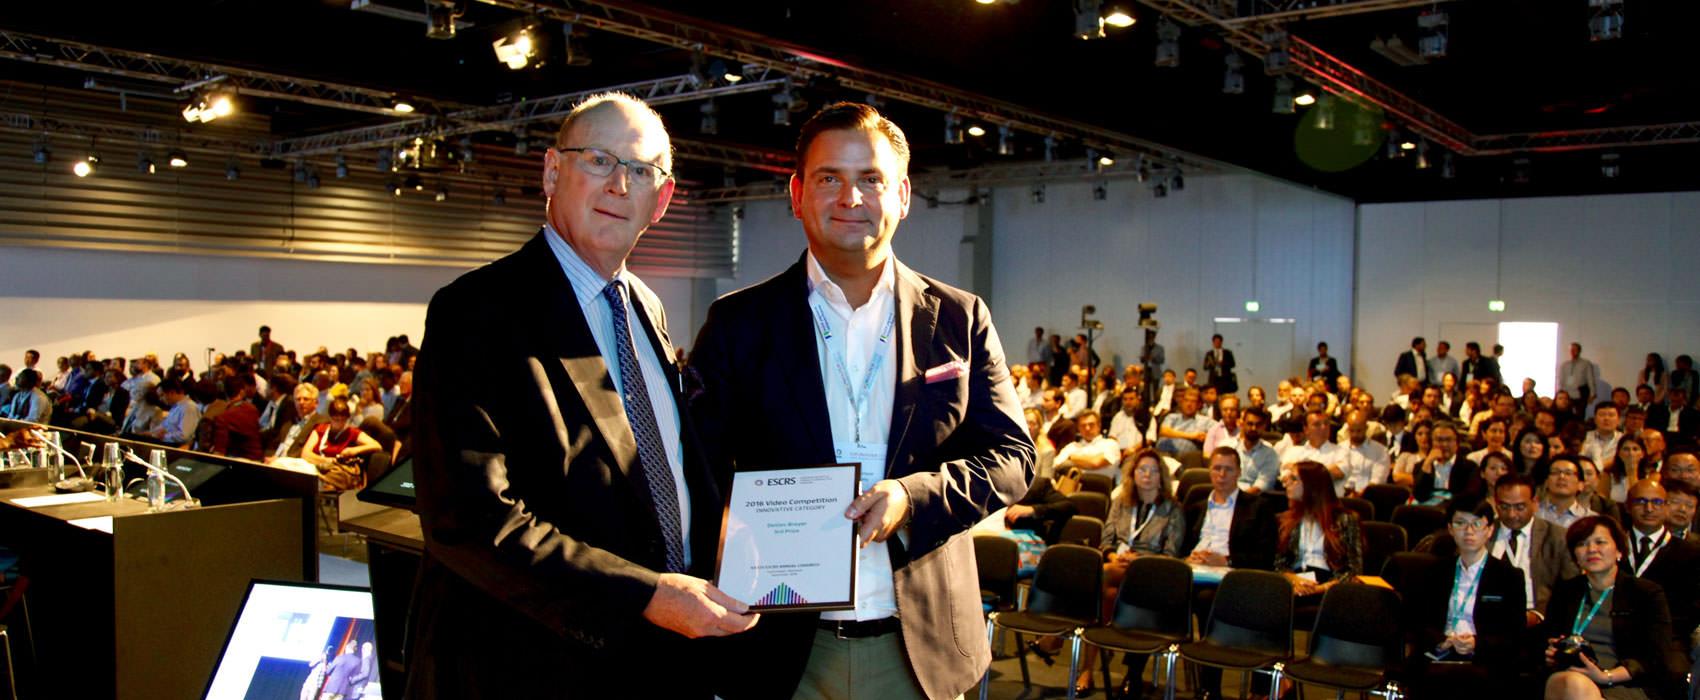 Dr. Breyer bei der Preisverleihung für das Düsseldorfer Schema